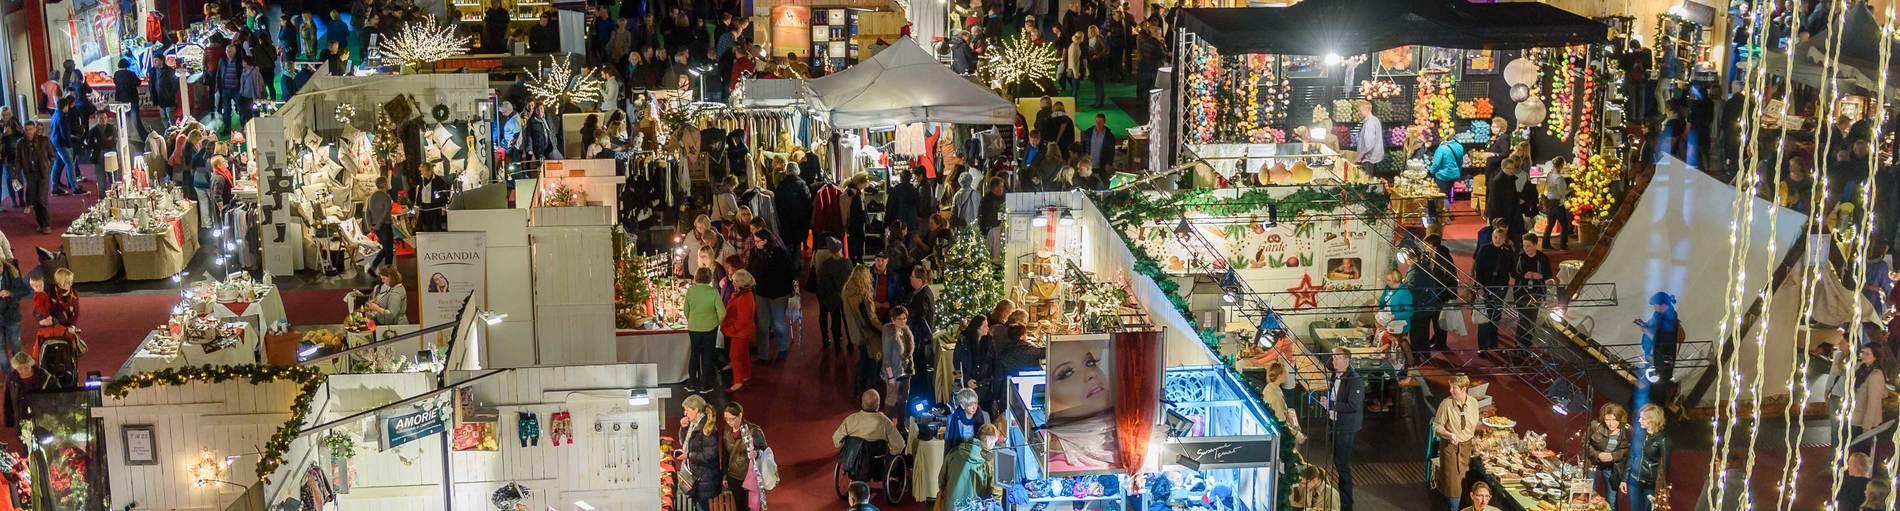 Blick von oben in eine weihnachtliche Messehalle